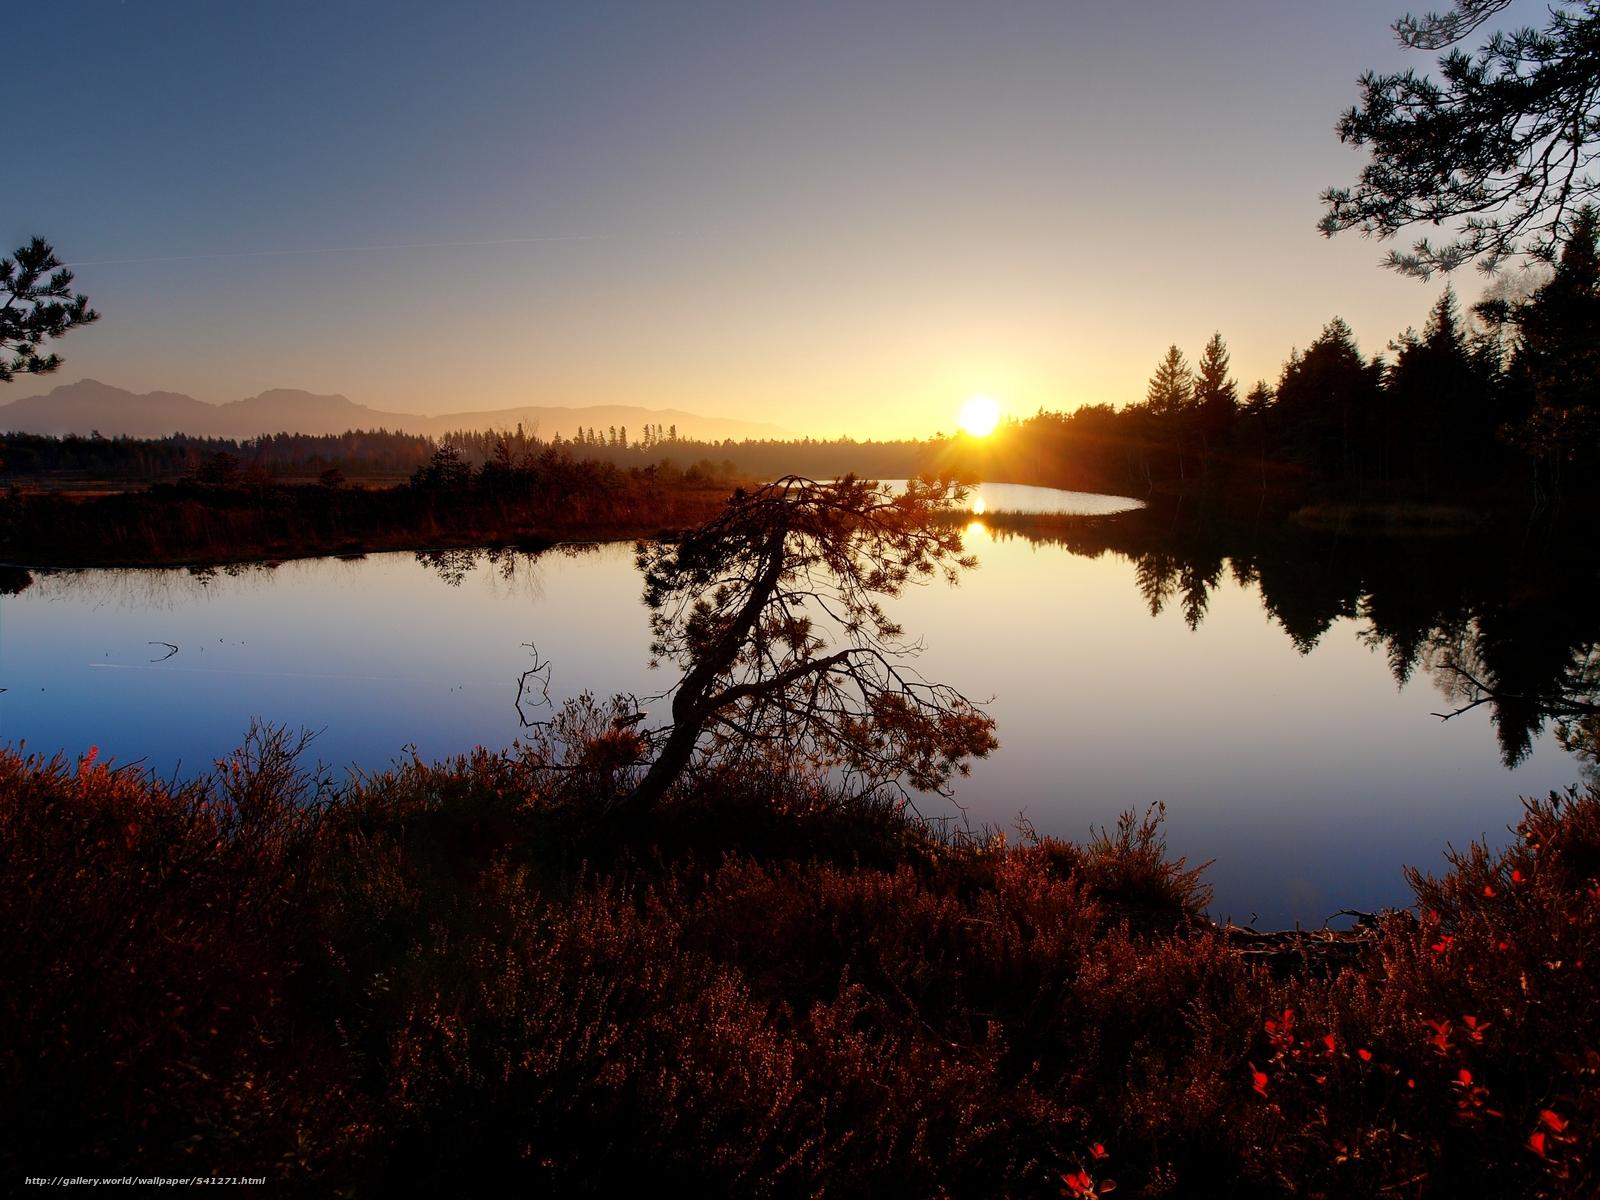 Скачать обои закат,  озеро,  деревья,  пейзаж бесплатно для рабочего стола в разрешении 3628x2721 — картинка №541271